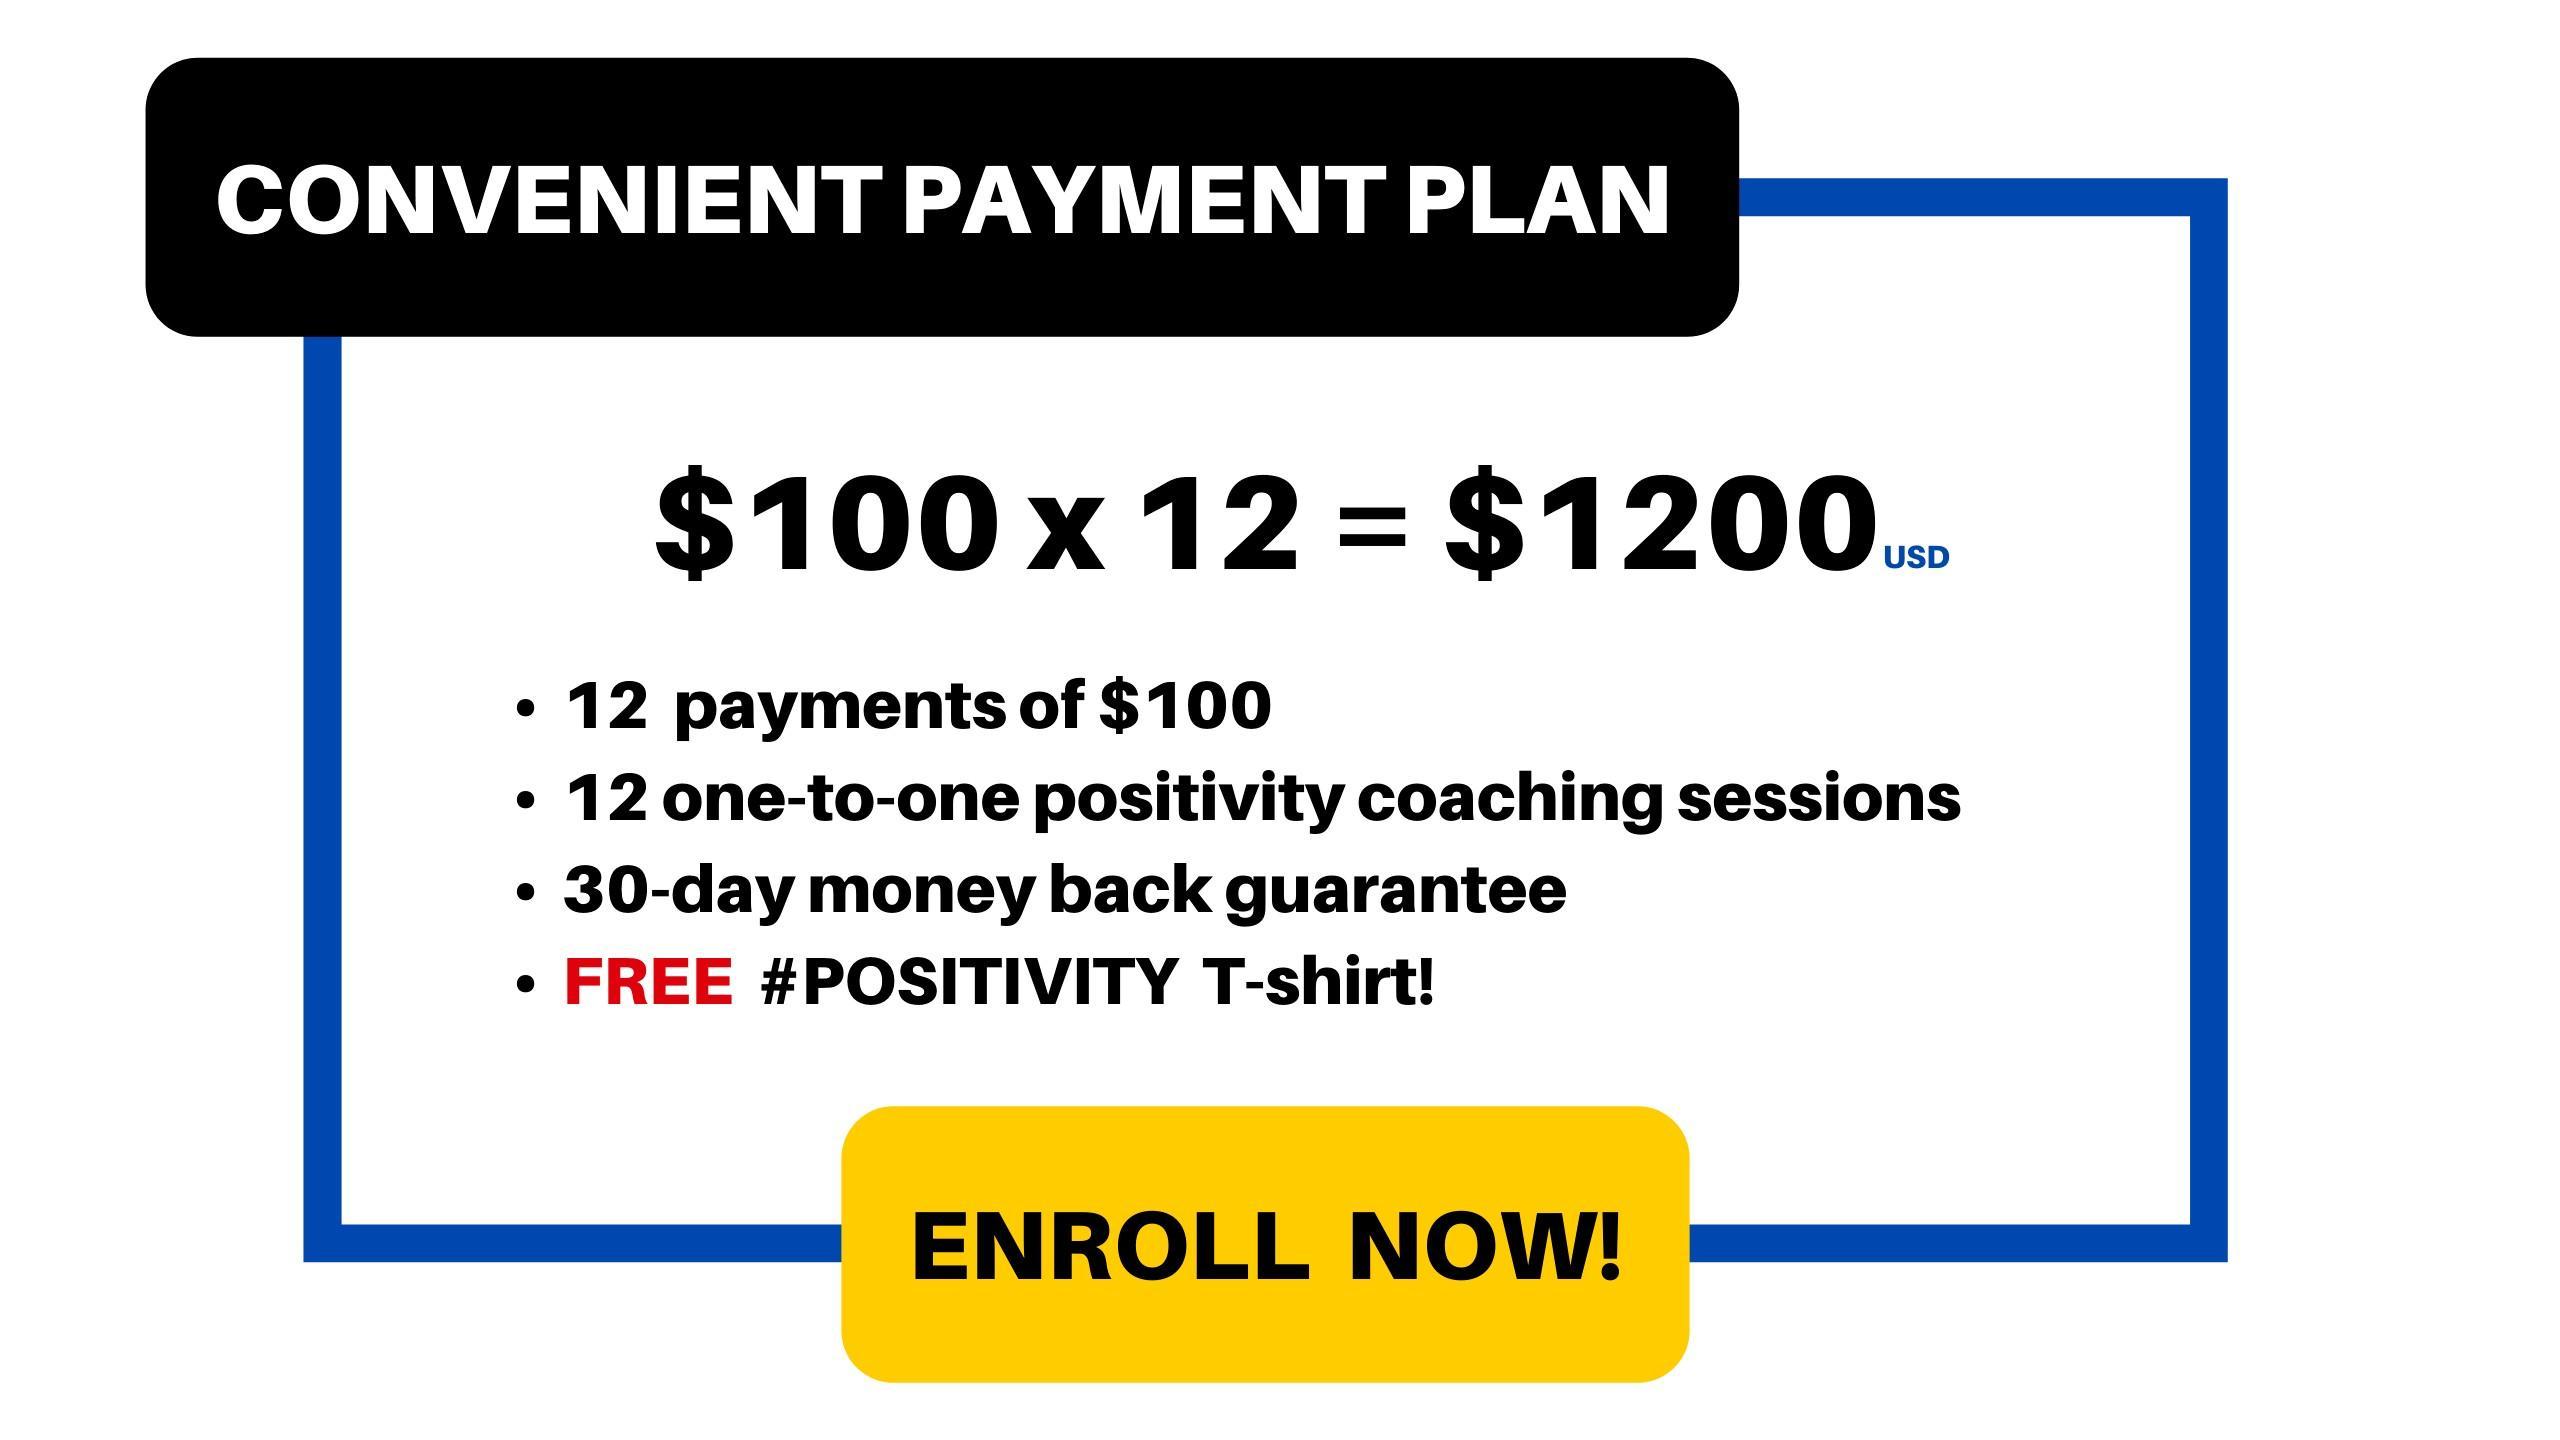 Payment Plan: $100 x 12 = $1200